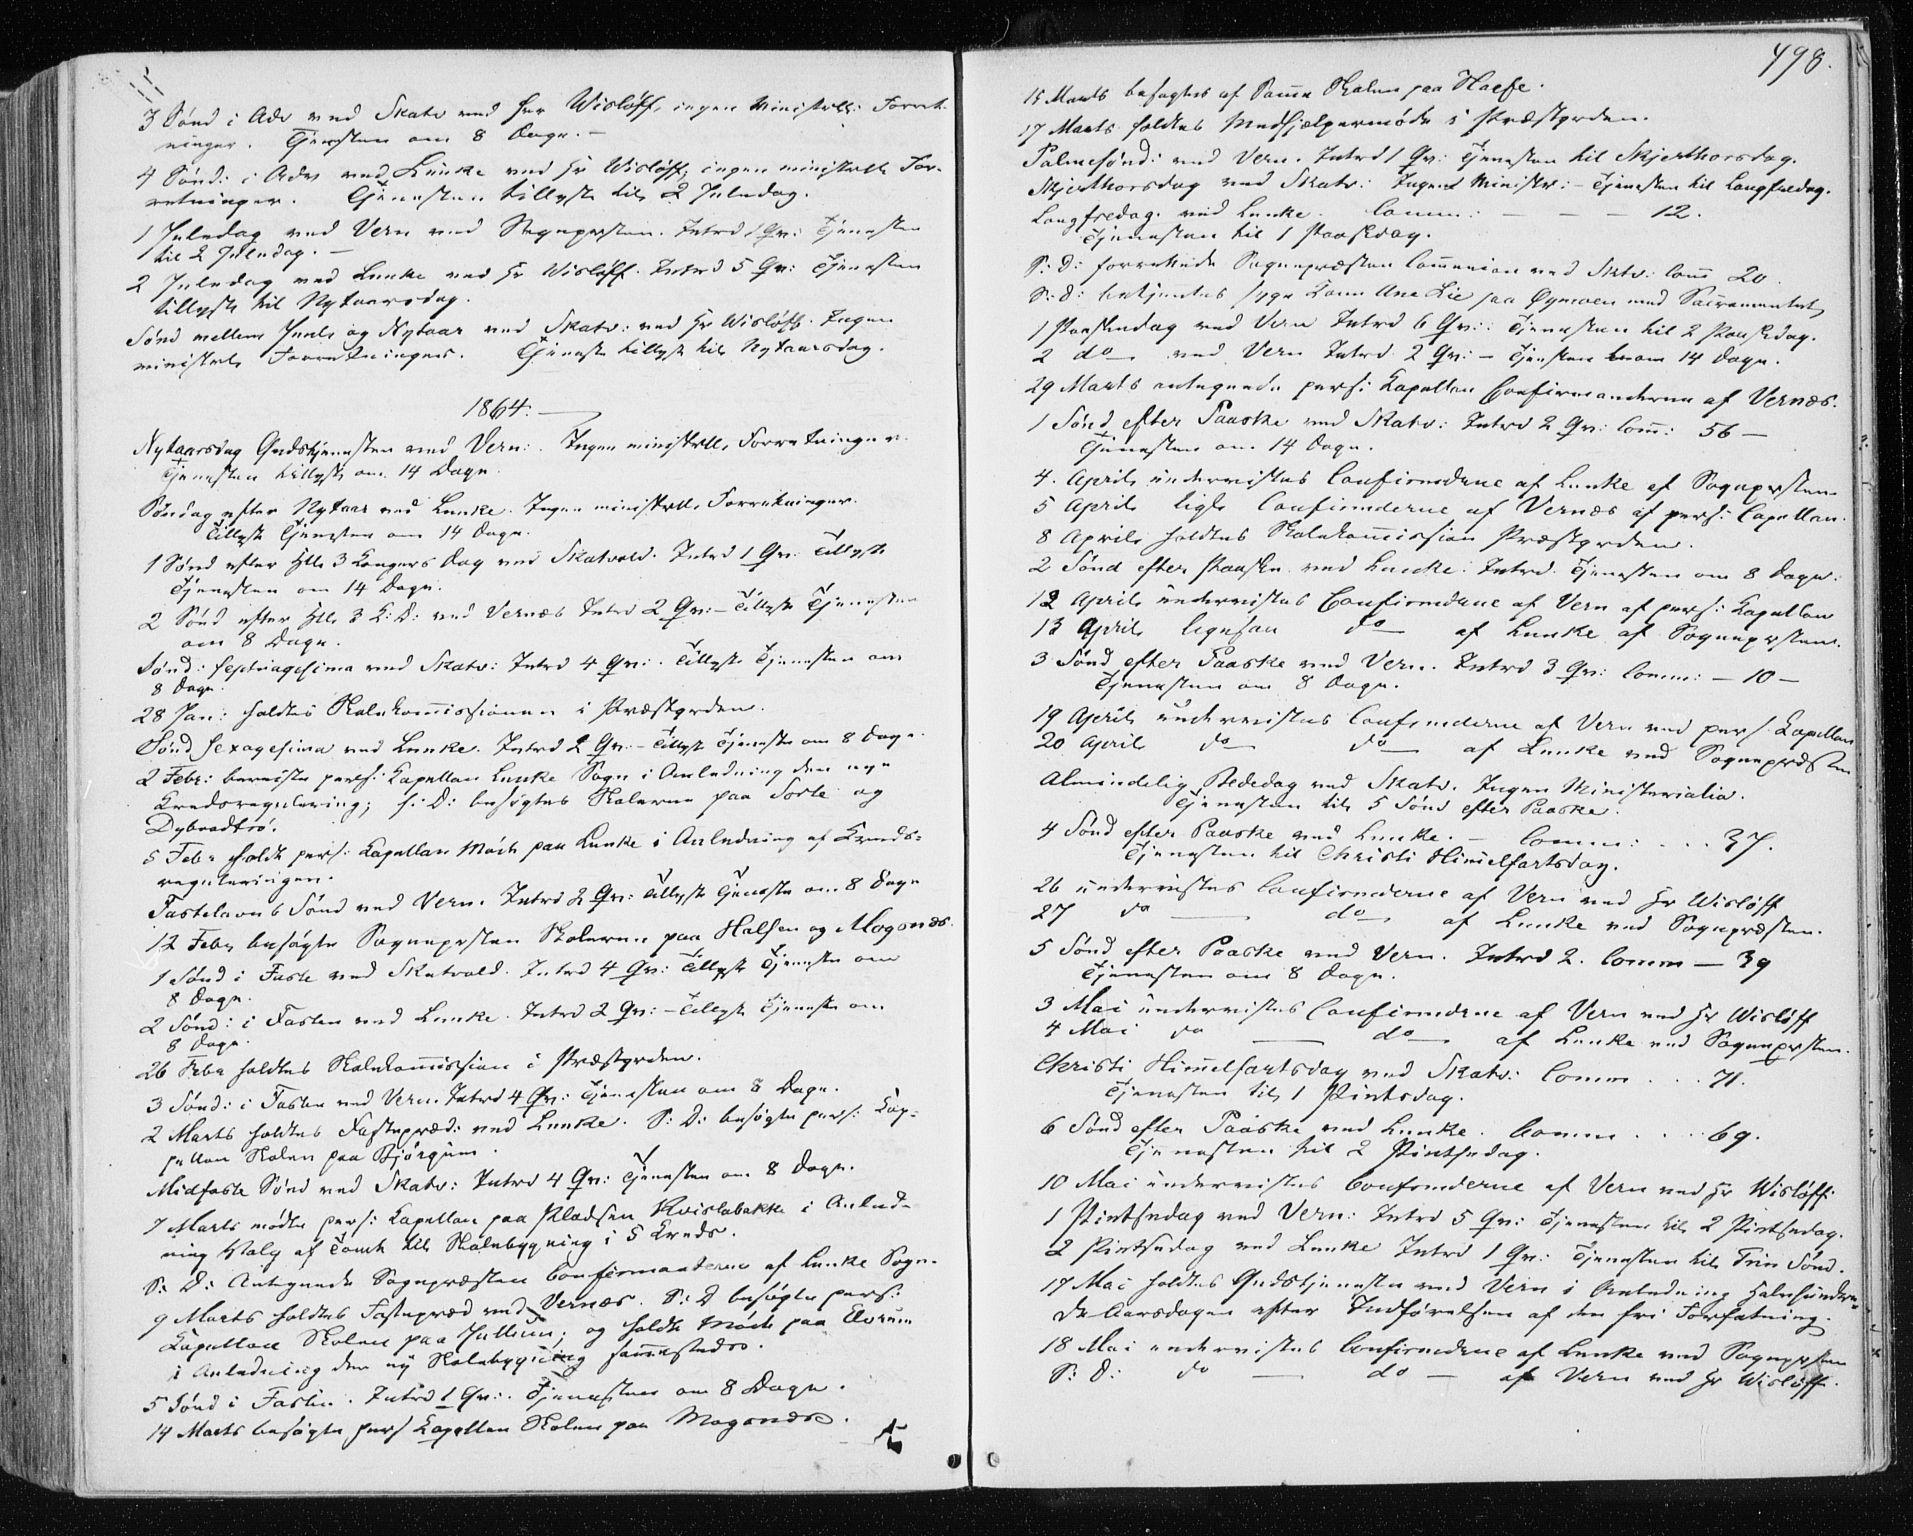 SAT, Ministerialprotokoller, klokkerbøker og fødselsregistre - Nord-Trøndelag, 709/L0075: Ministerialbok nr. 709A15, 1859-1870, s. 498